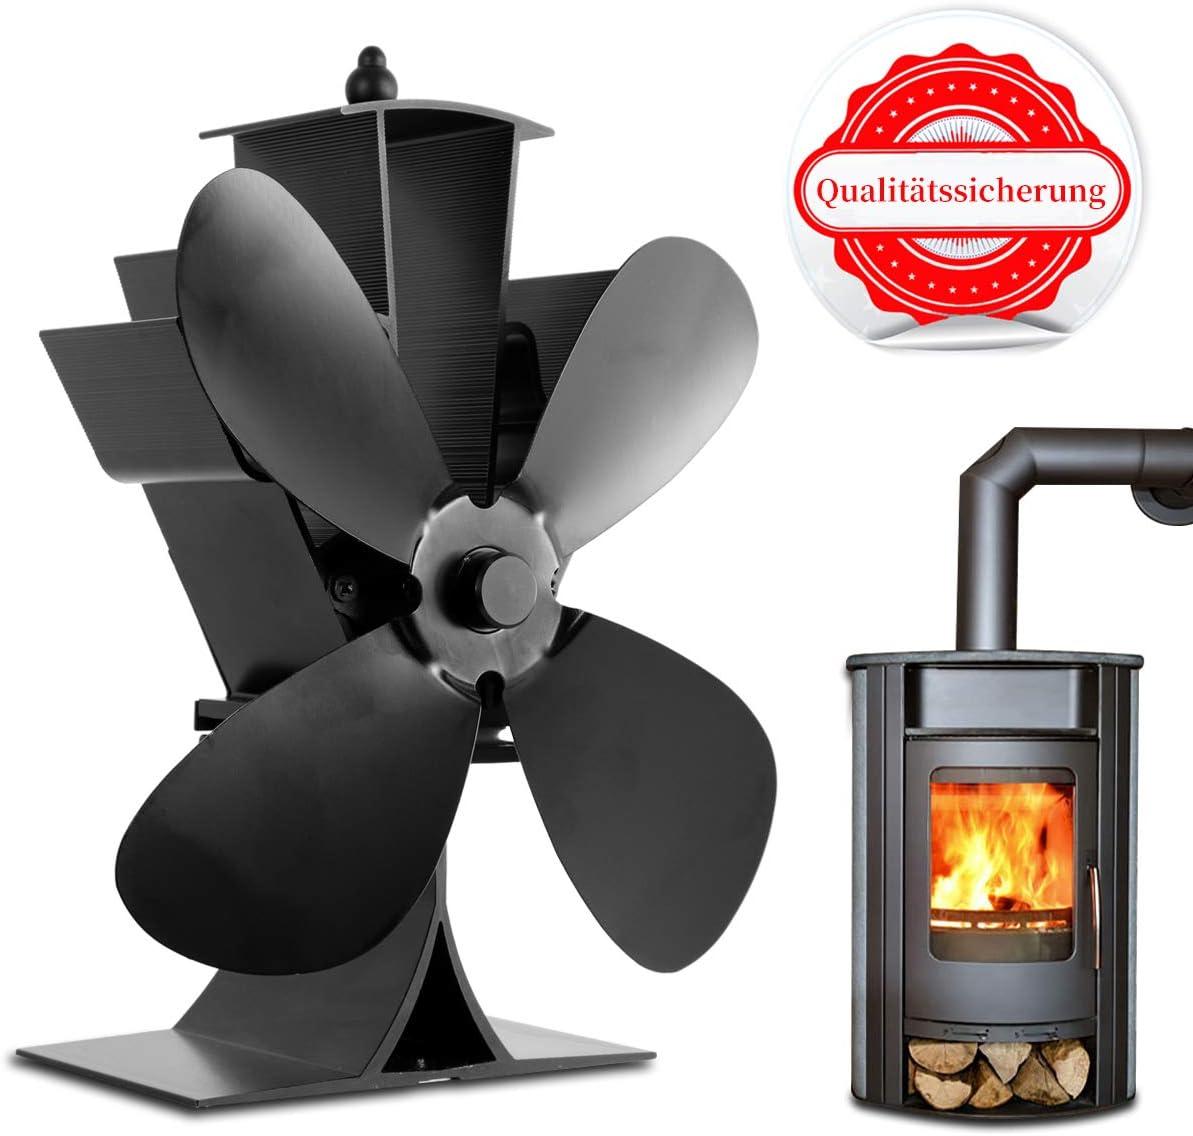 Orthland - Ventilador para chimenea, sin corriente, para chimenea, estufa de leña con 4 aspas en el quemador de madera/quemador de leña, distribución óptima del aire, respetuoso con el medio ambiente, silencioso: